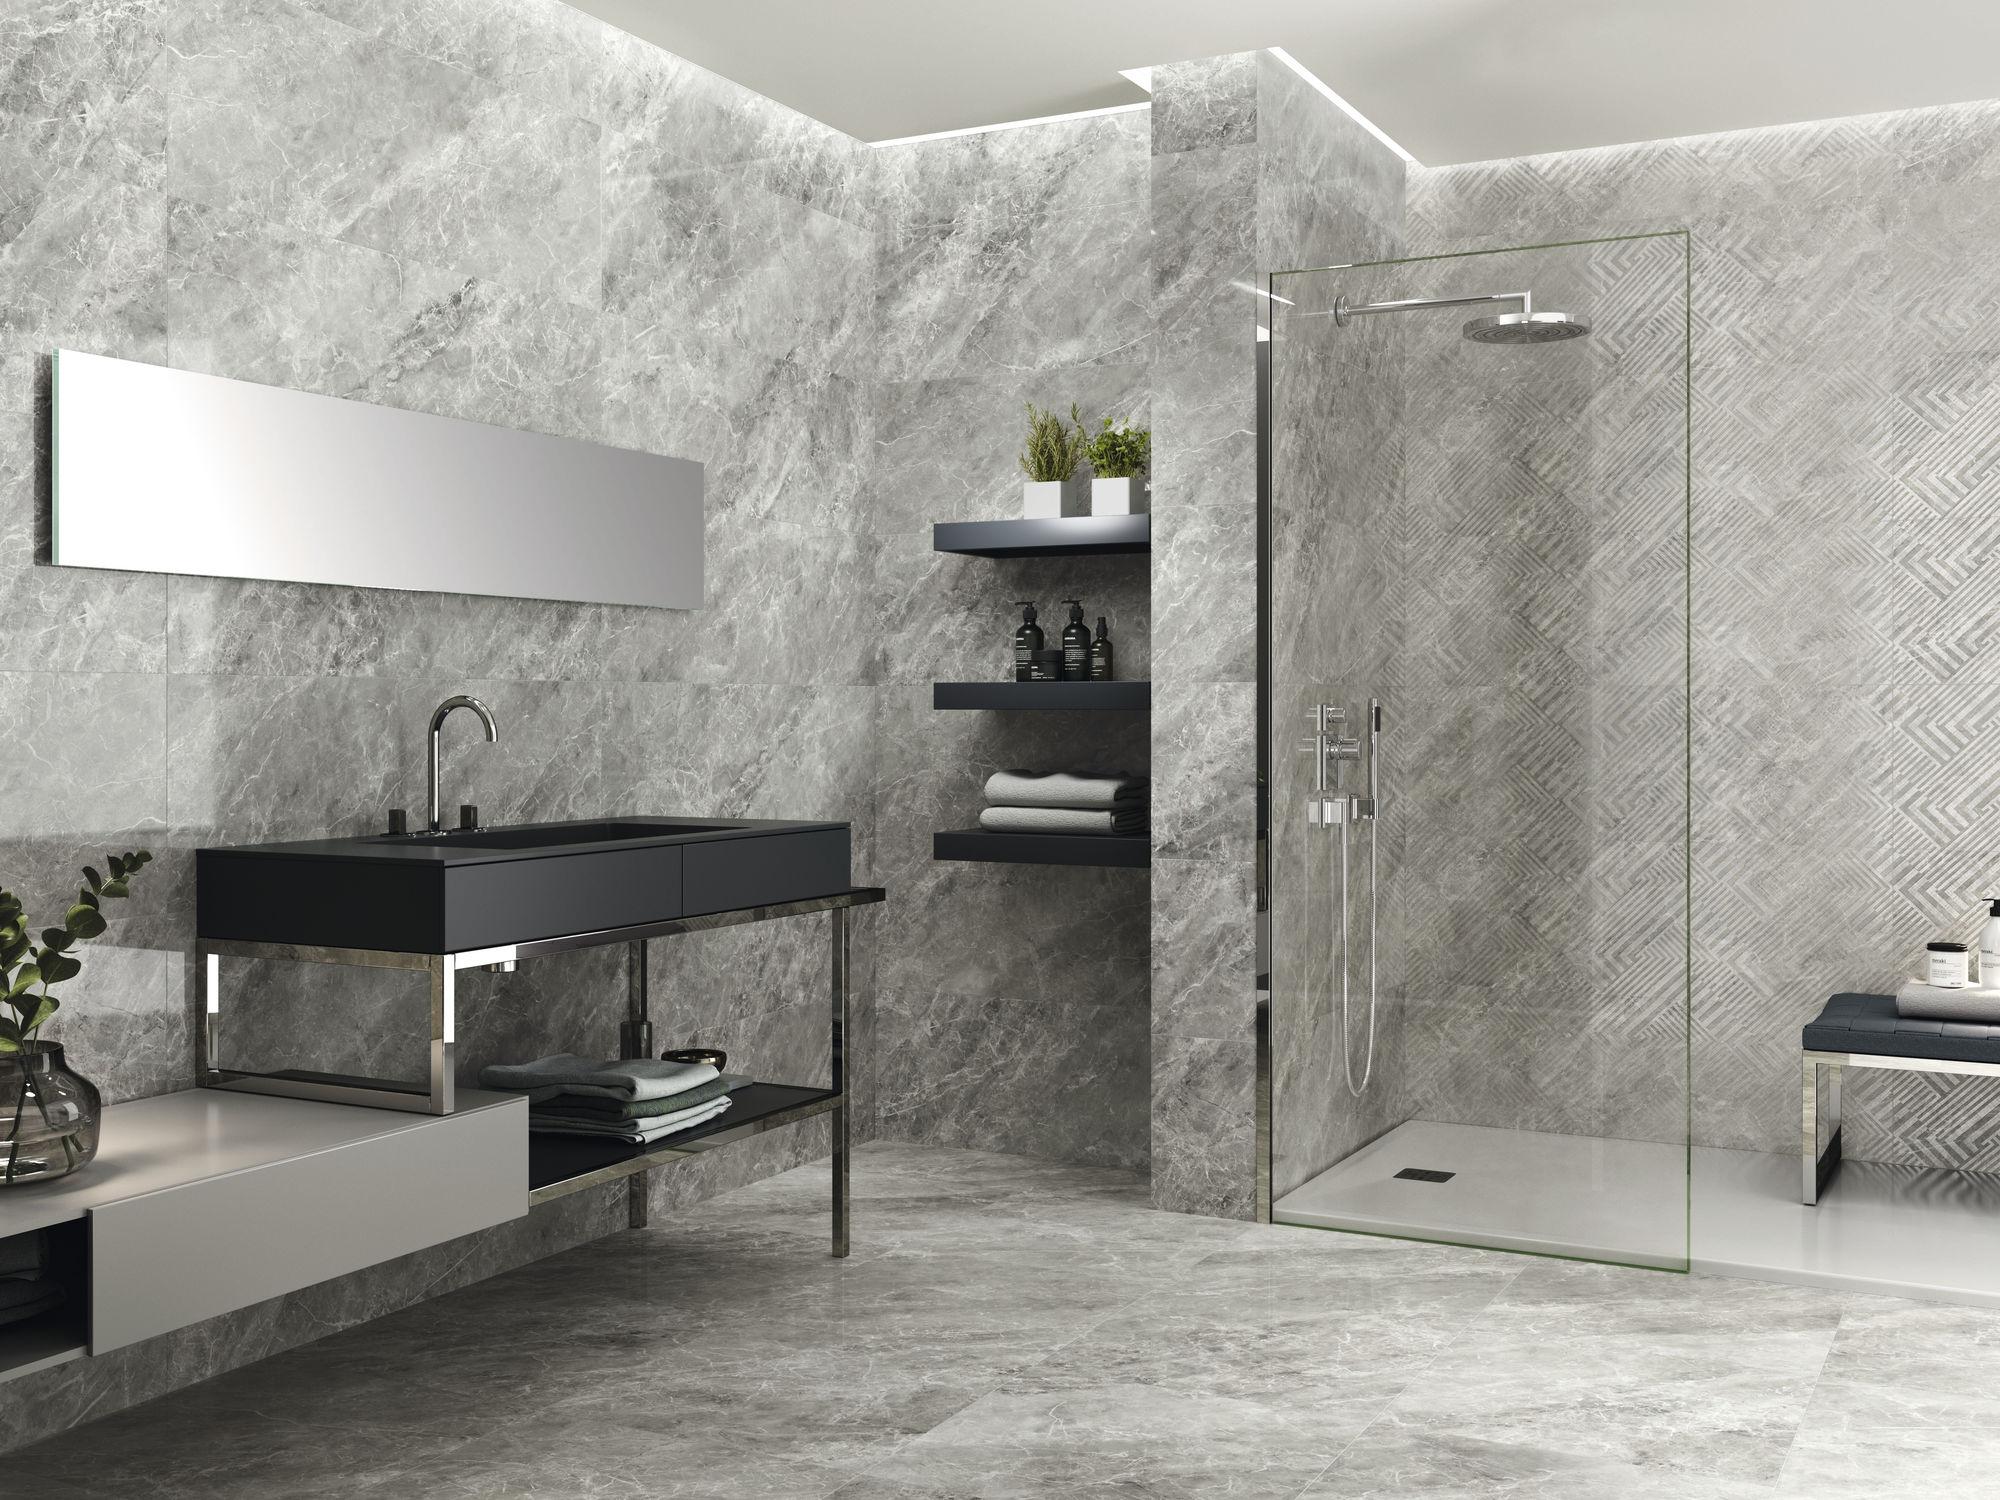 Balmoral Grey 40x120 cm. Naos Balmoral Grey 40x120 cm. Balmoral Grey 60x60 cm.